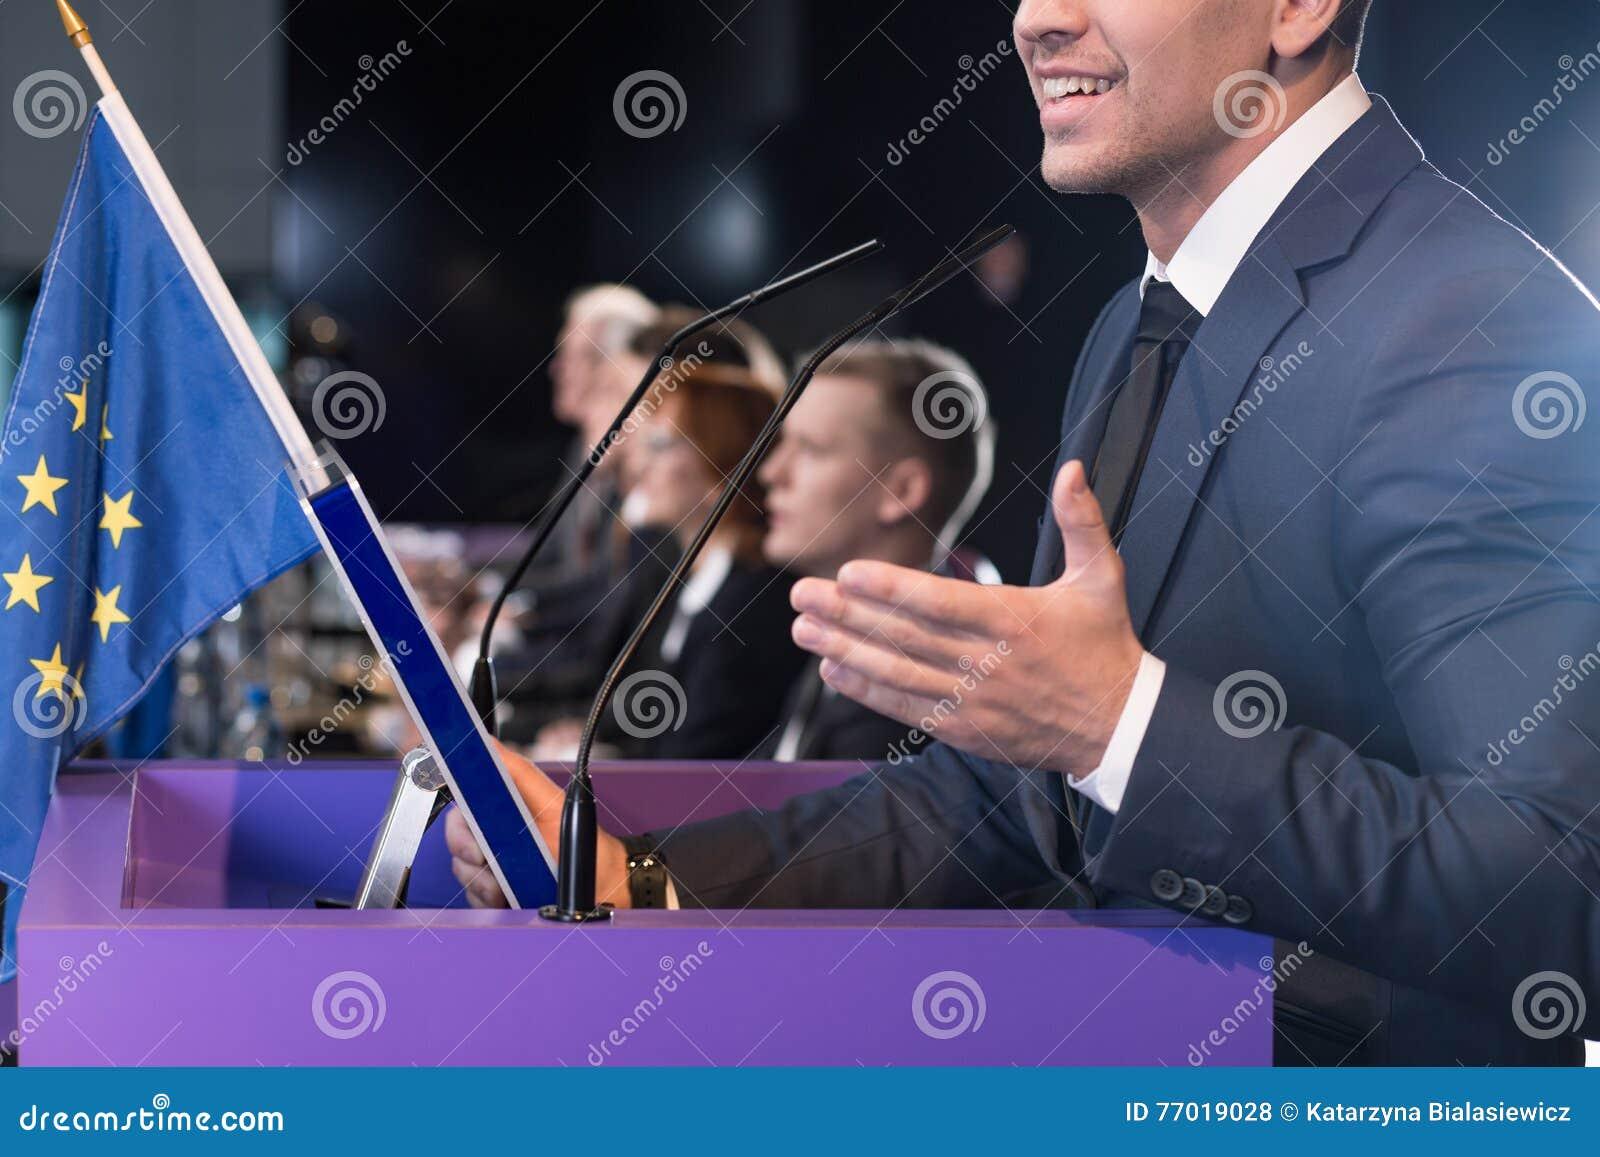 Флаг конференции и Европейского союза средств массовой информации